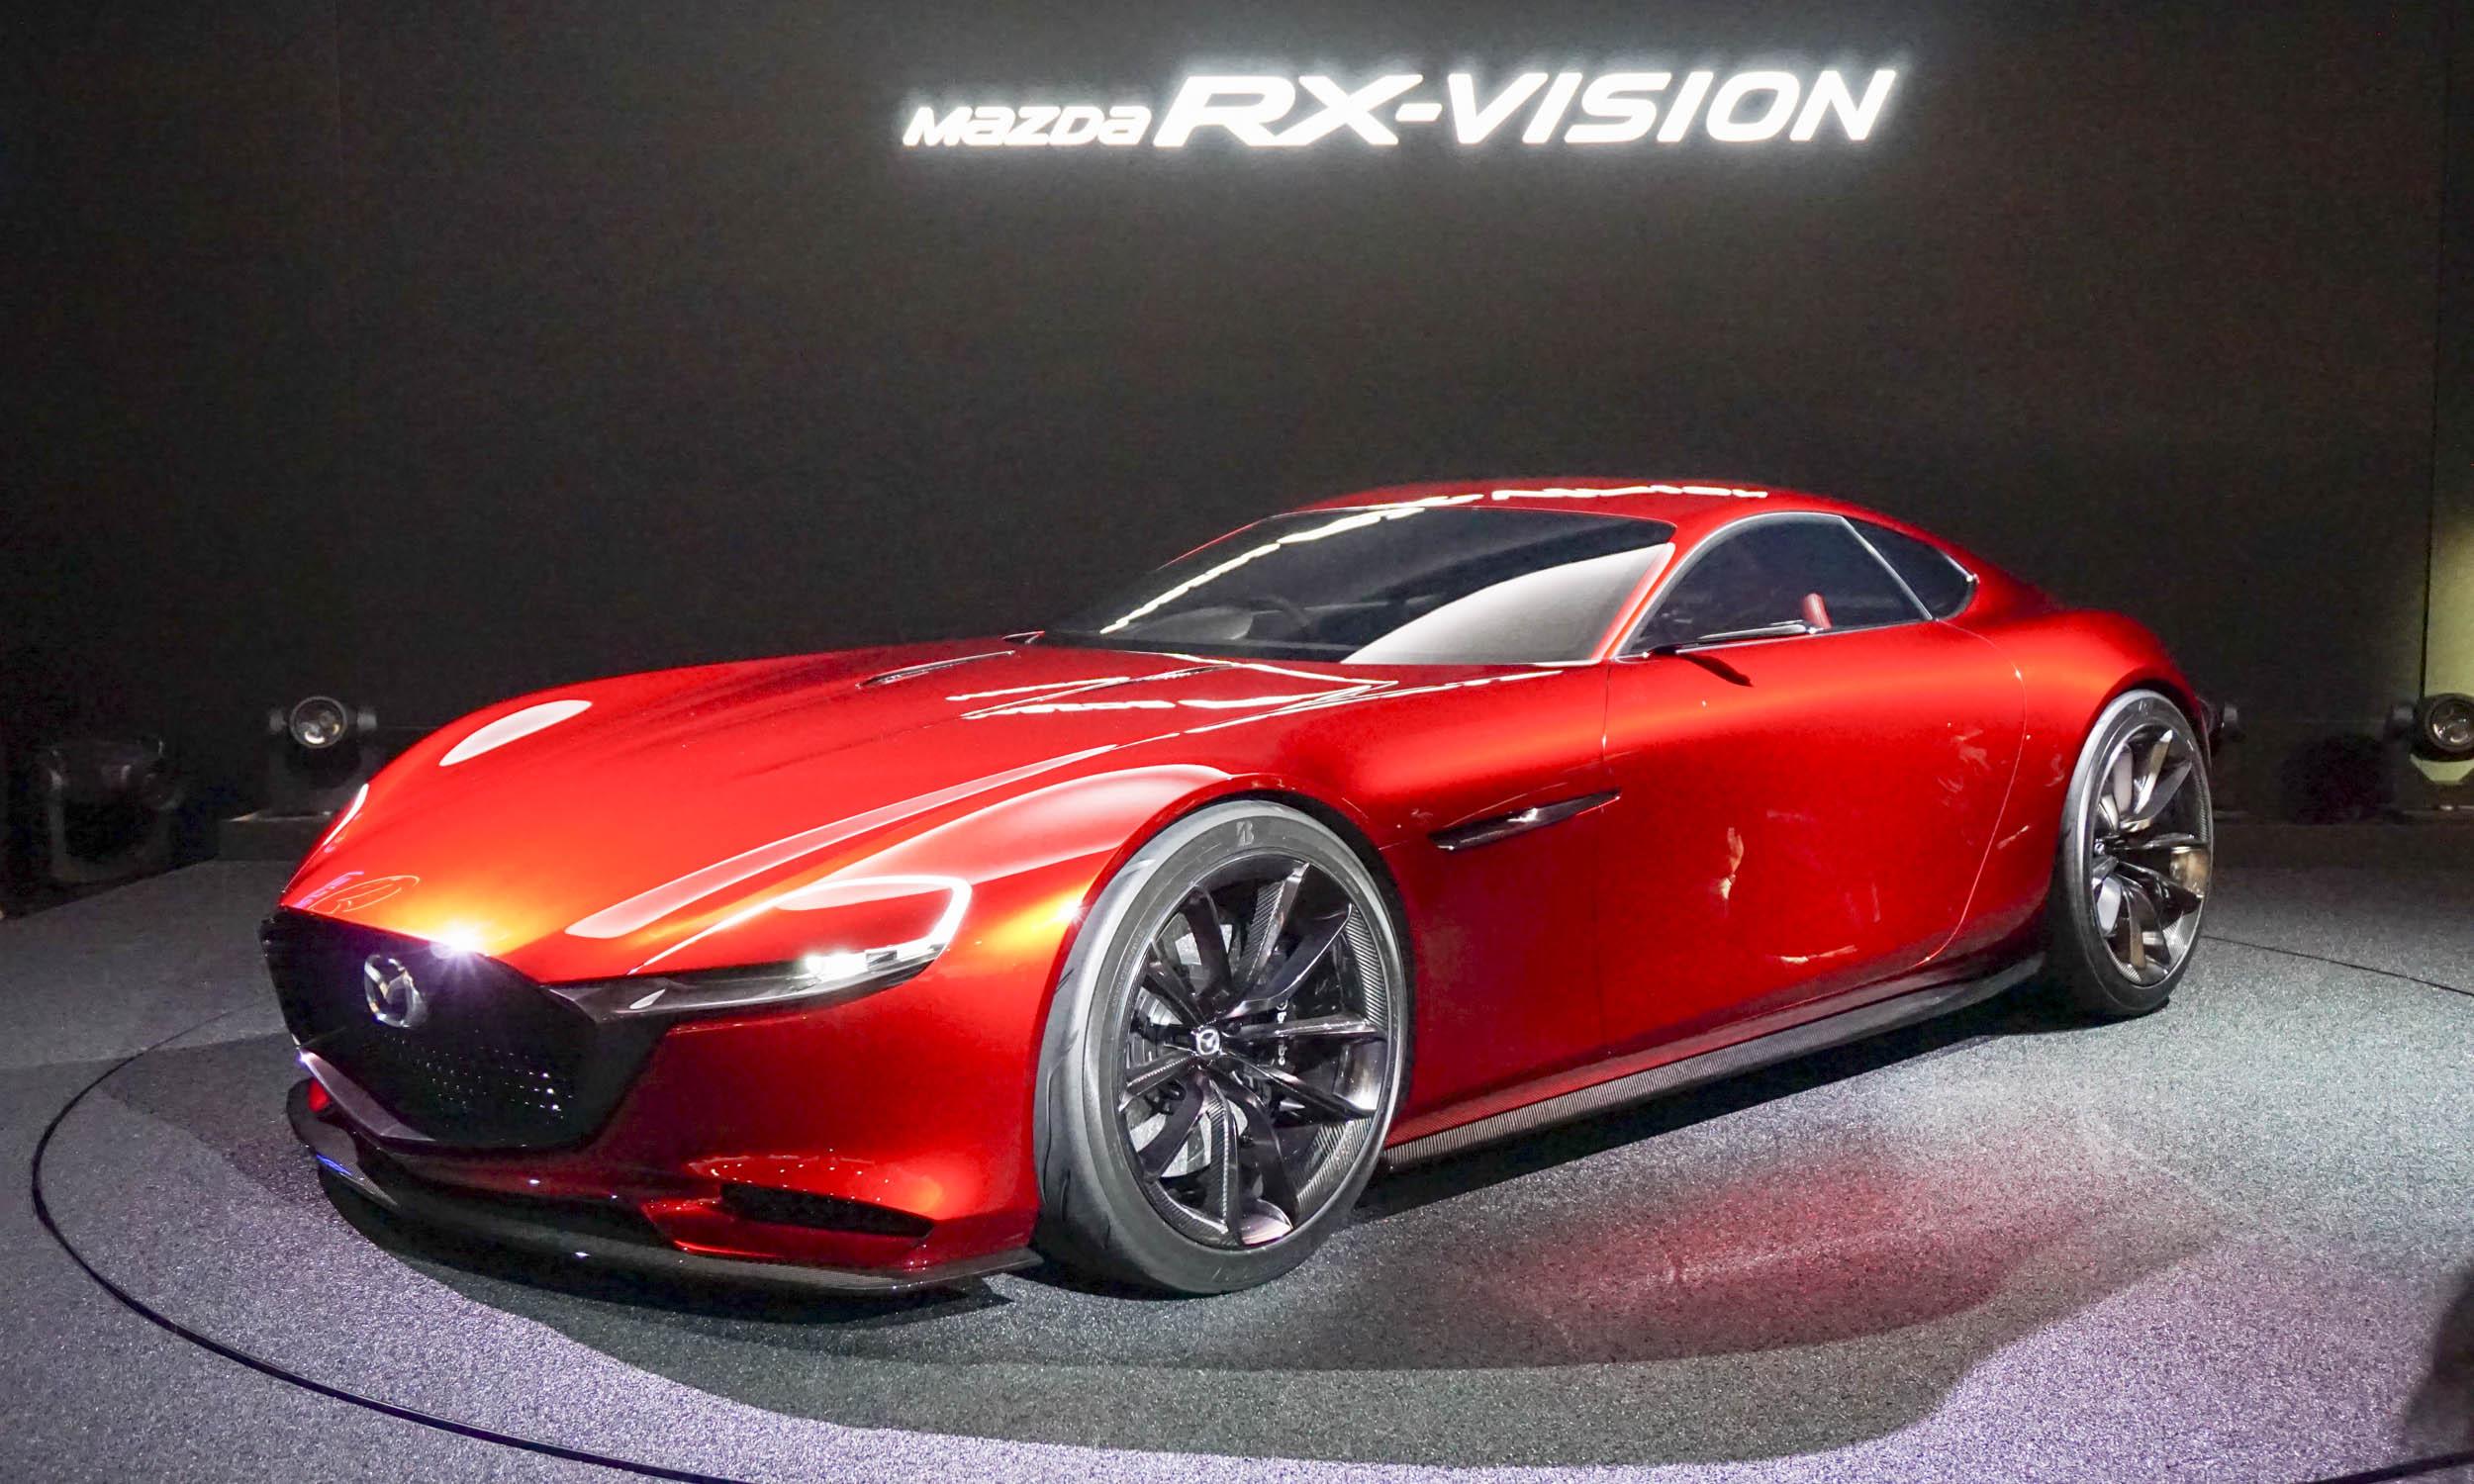 2015 Tokyo Motor Show Mazda Rx Vision